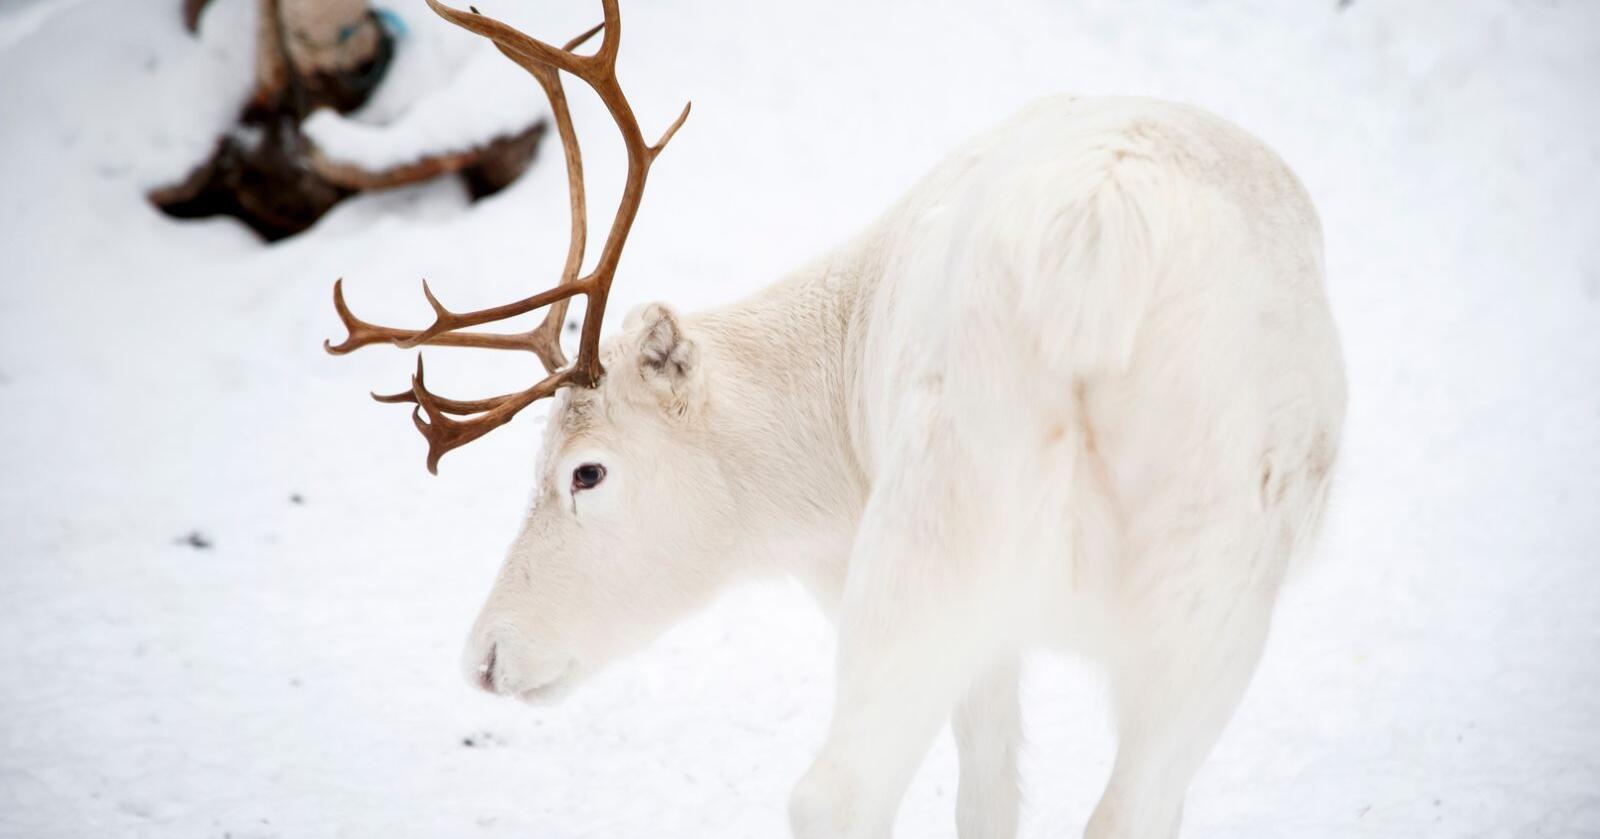 Tidligere i februar ble det erklært beitekrise i deler av Finnmark, og nå har det også kommet til deler av Nordland. Foto: Heiko Junge / NTB scanpix